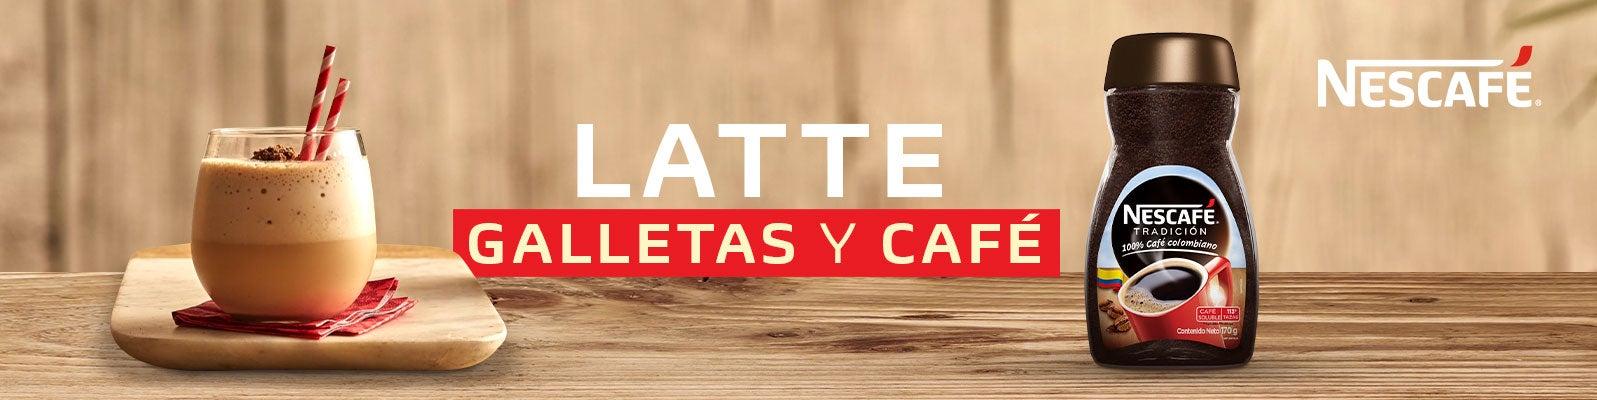 LATTE GALLETAS Y CAFÉ